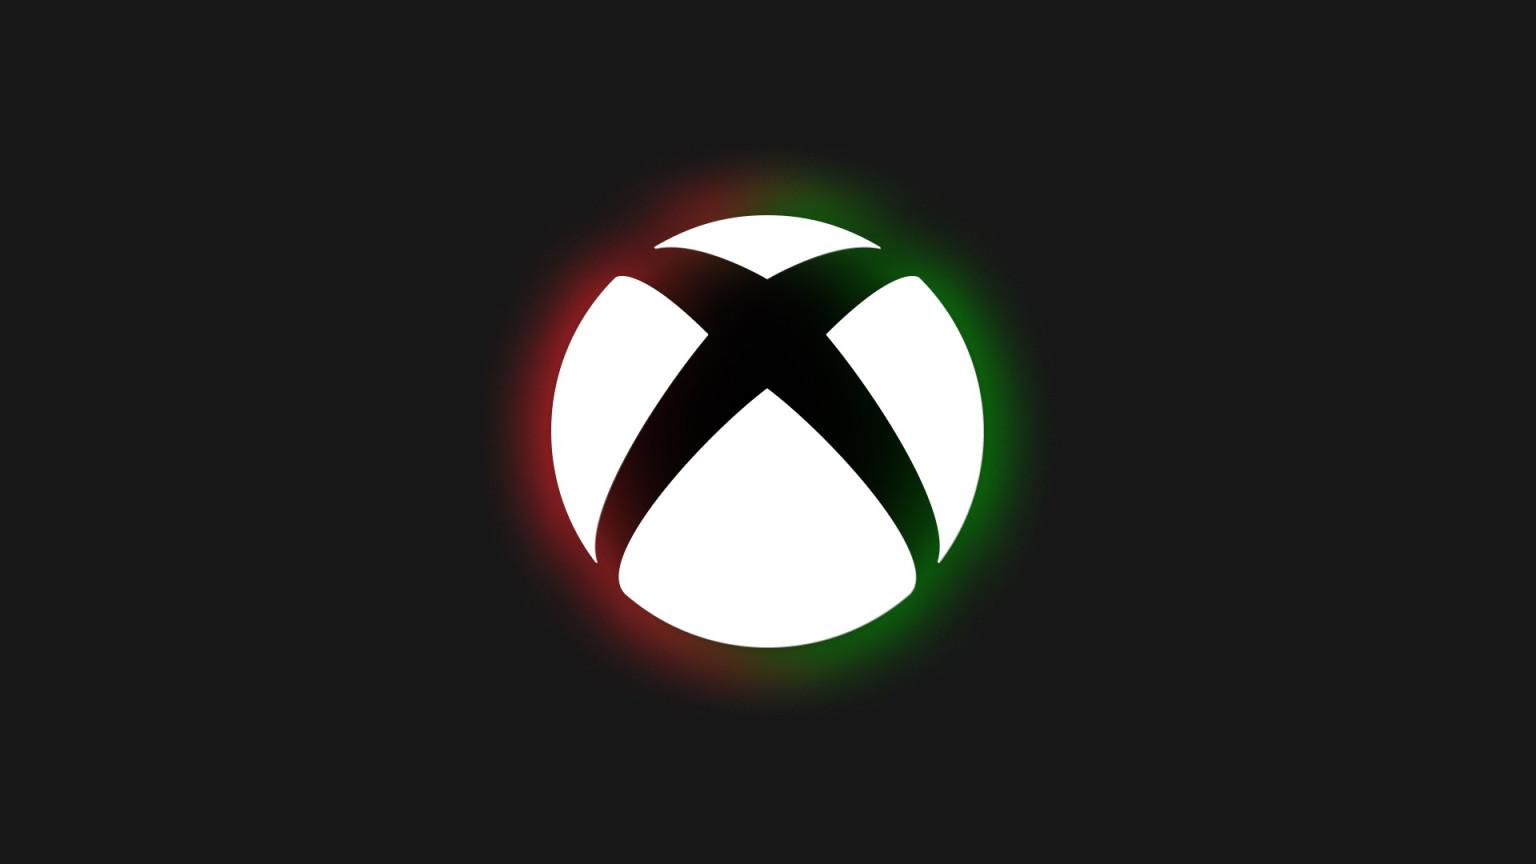 Xbox One / Series : Microsoft Edge arrive en alpha, avec Google Stadia et bientôt xCloud